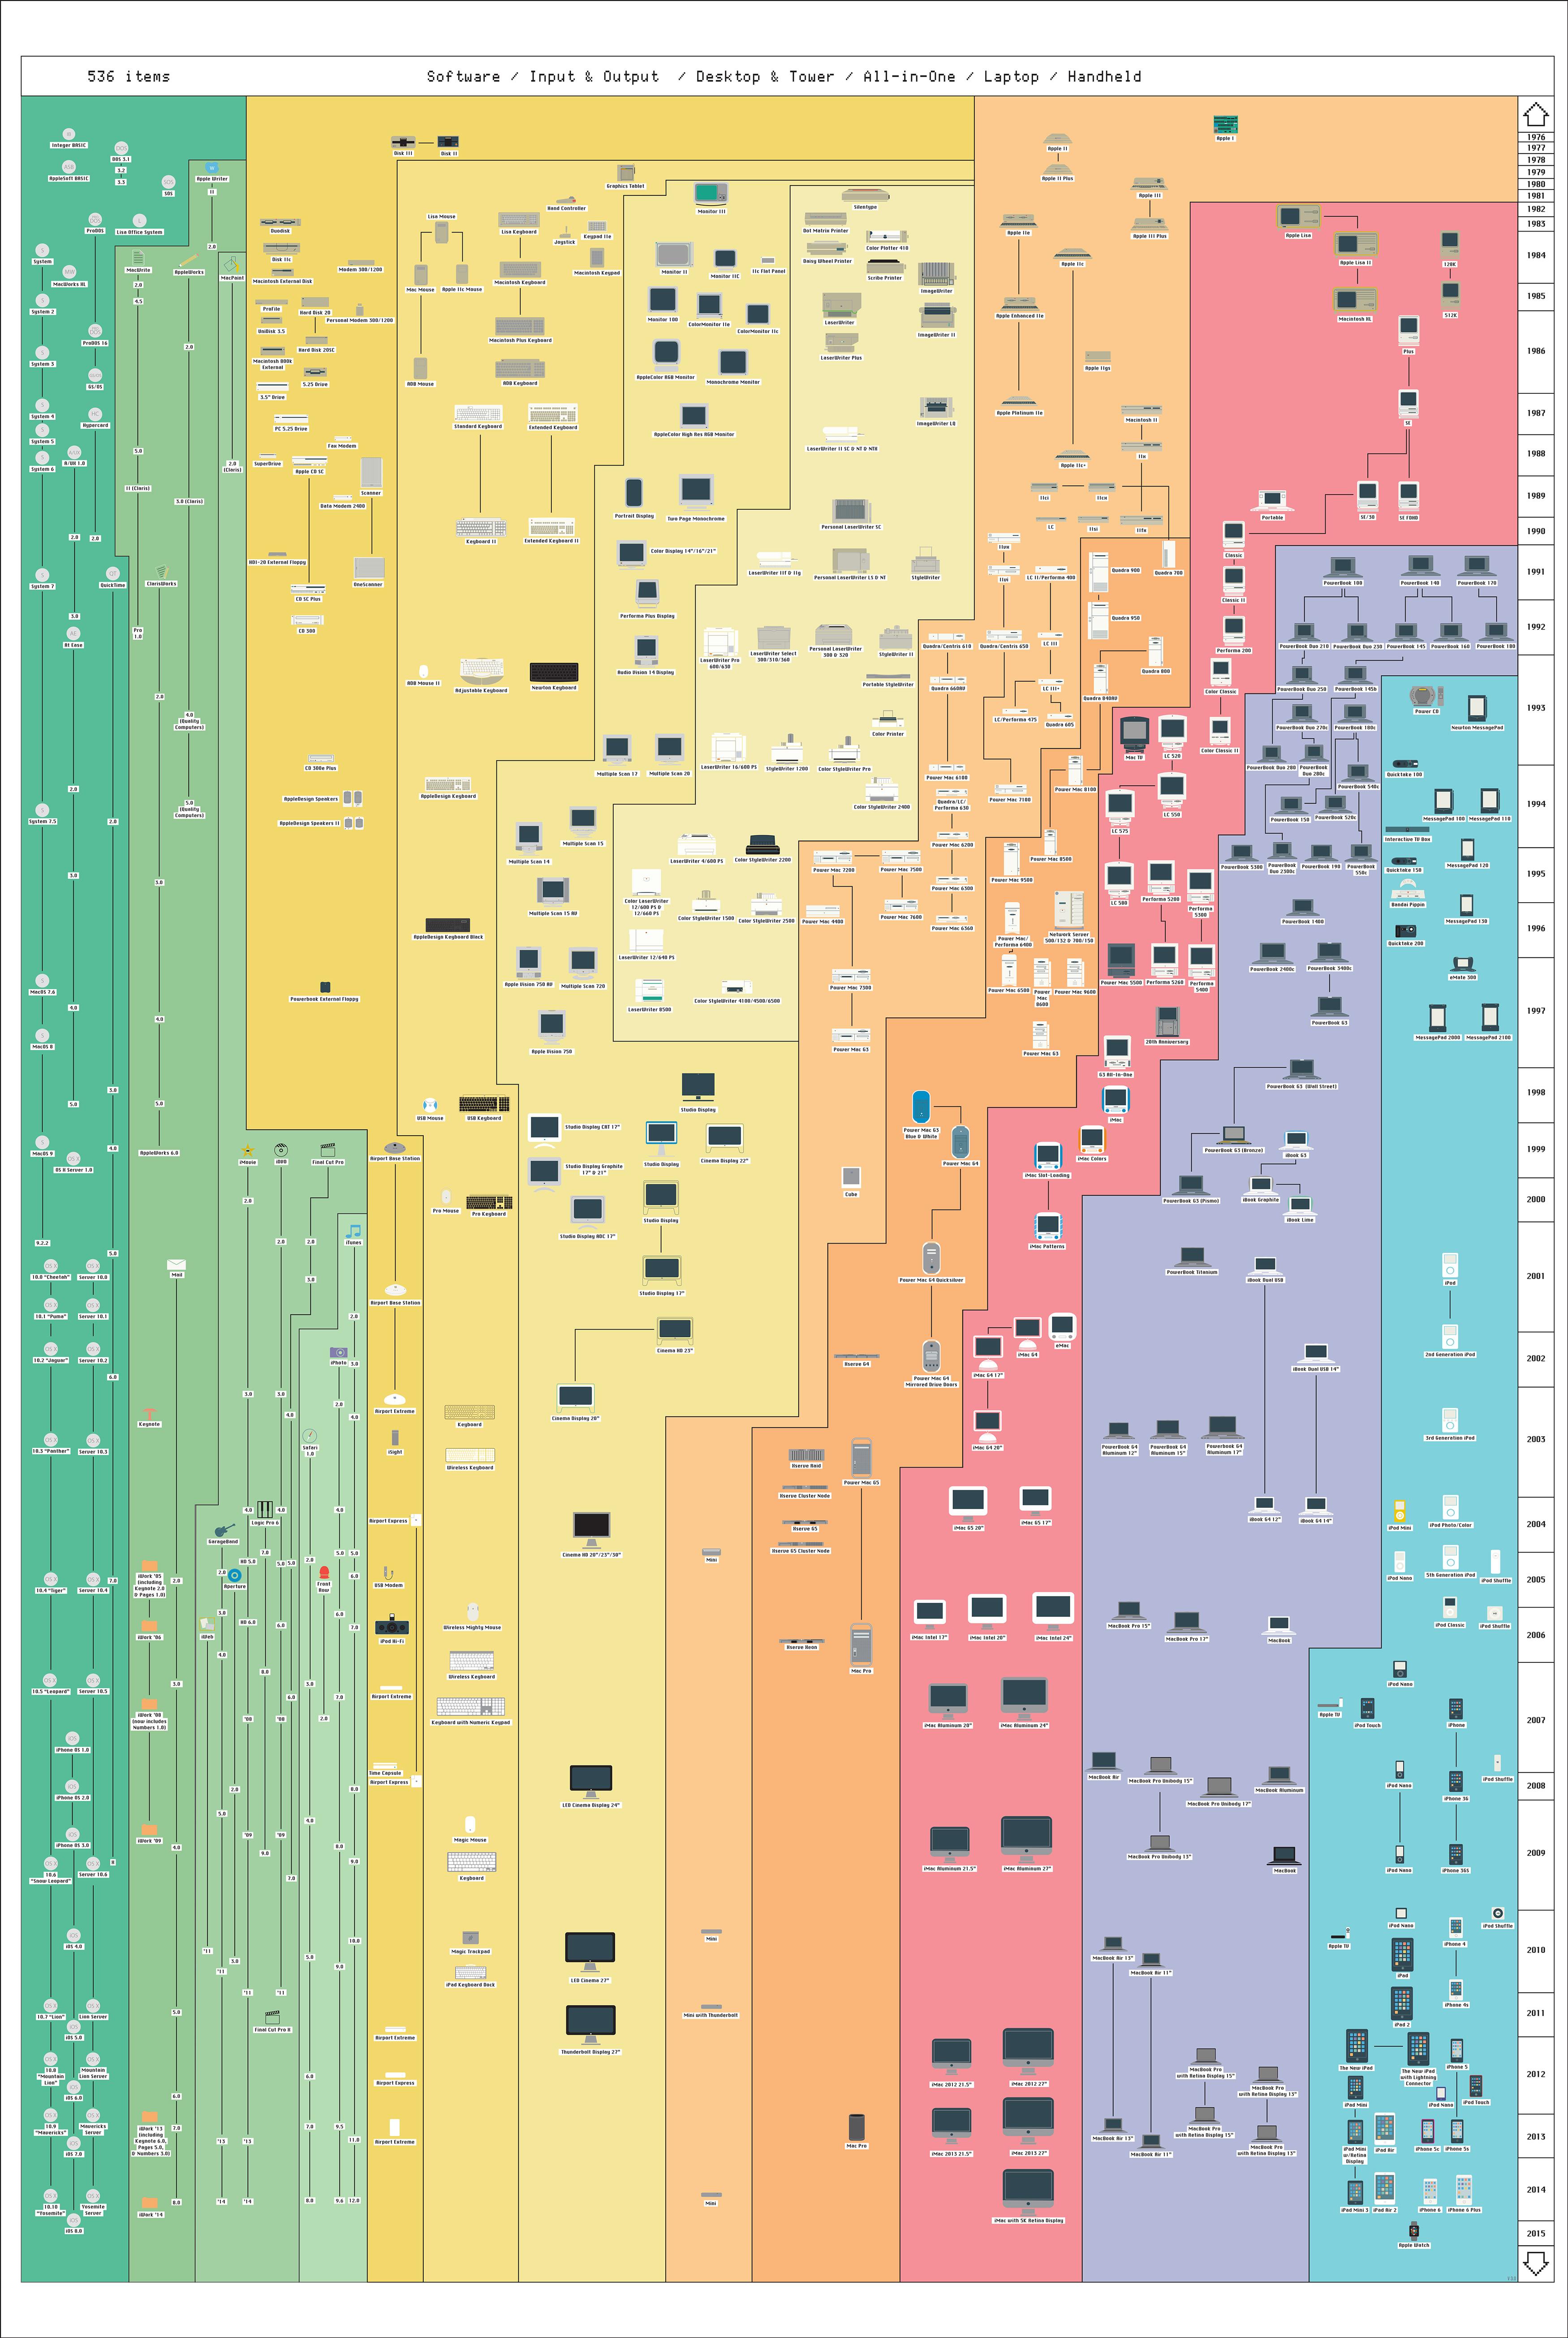 il poster della storia di Apple